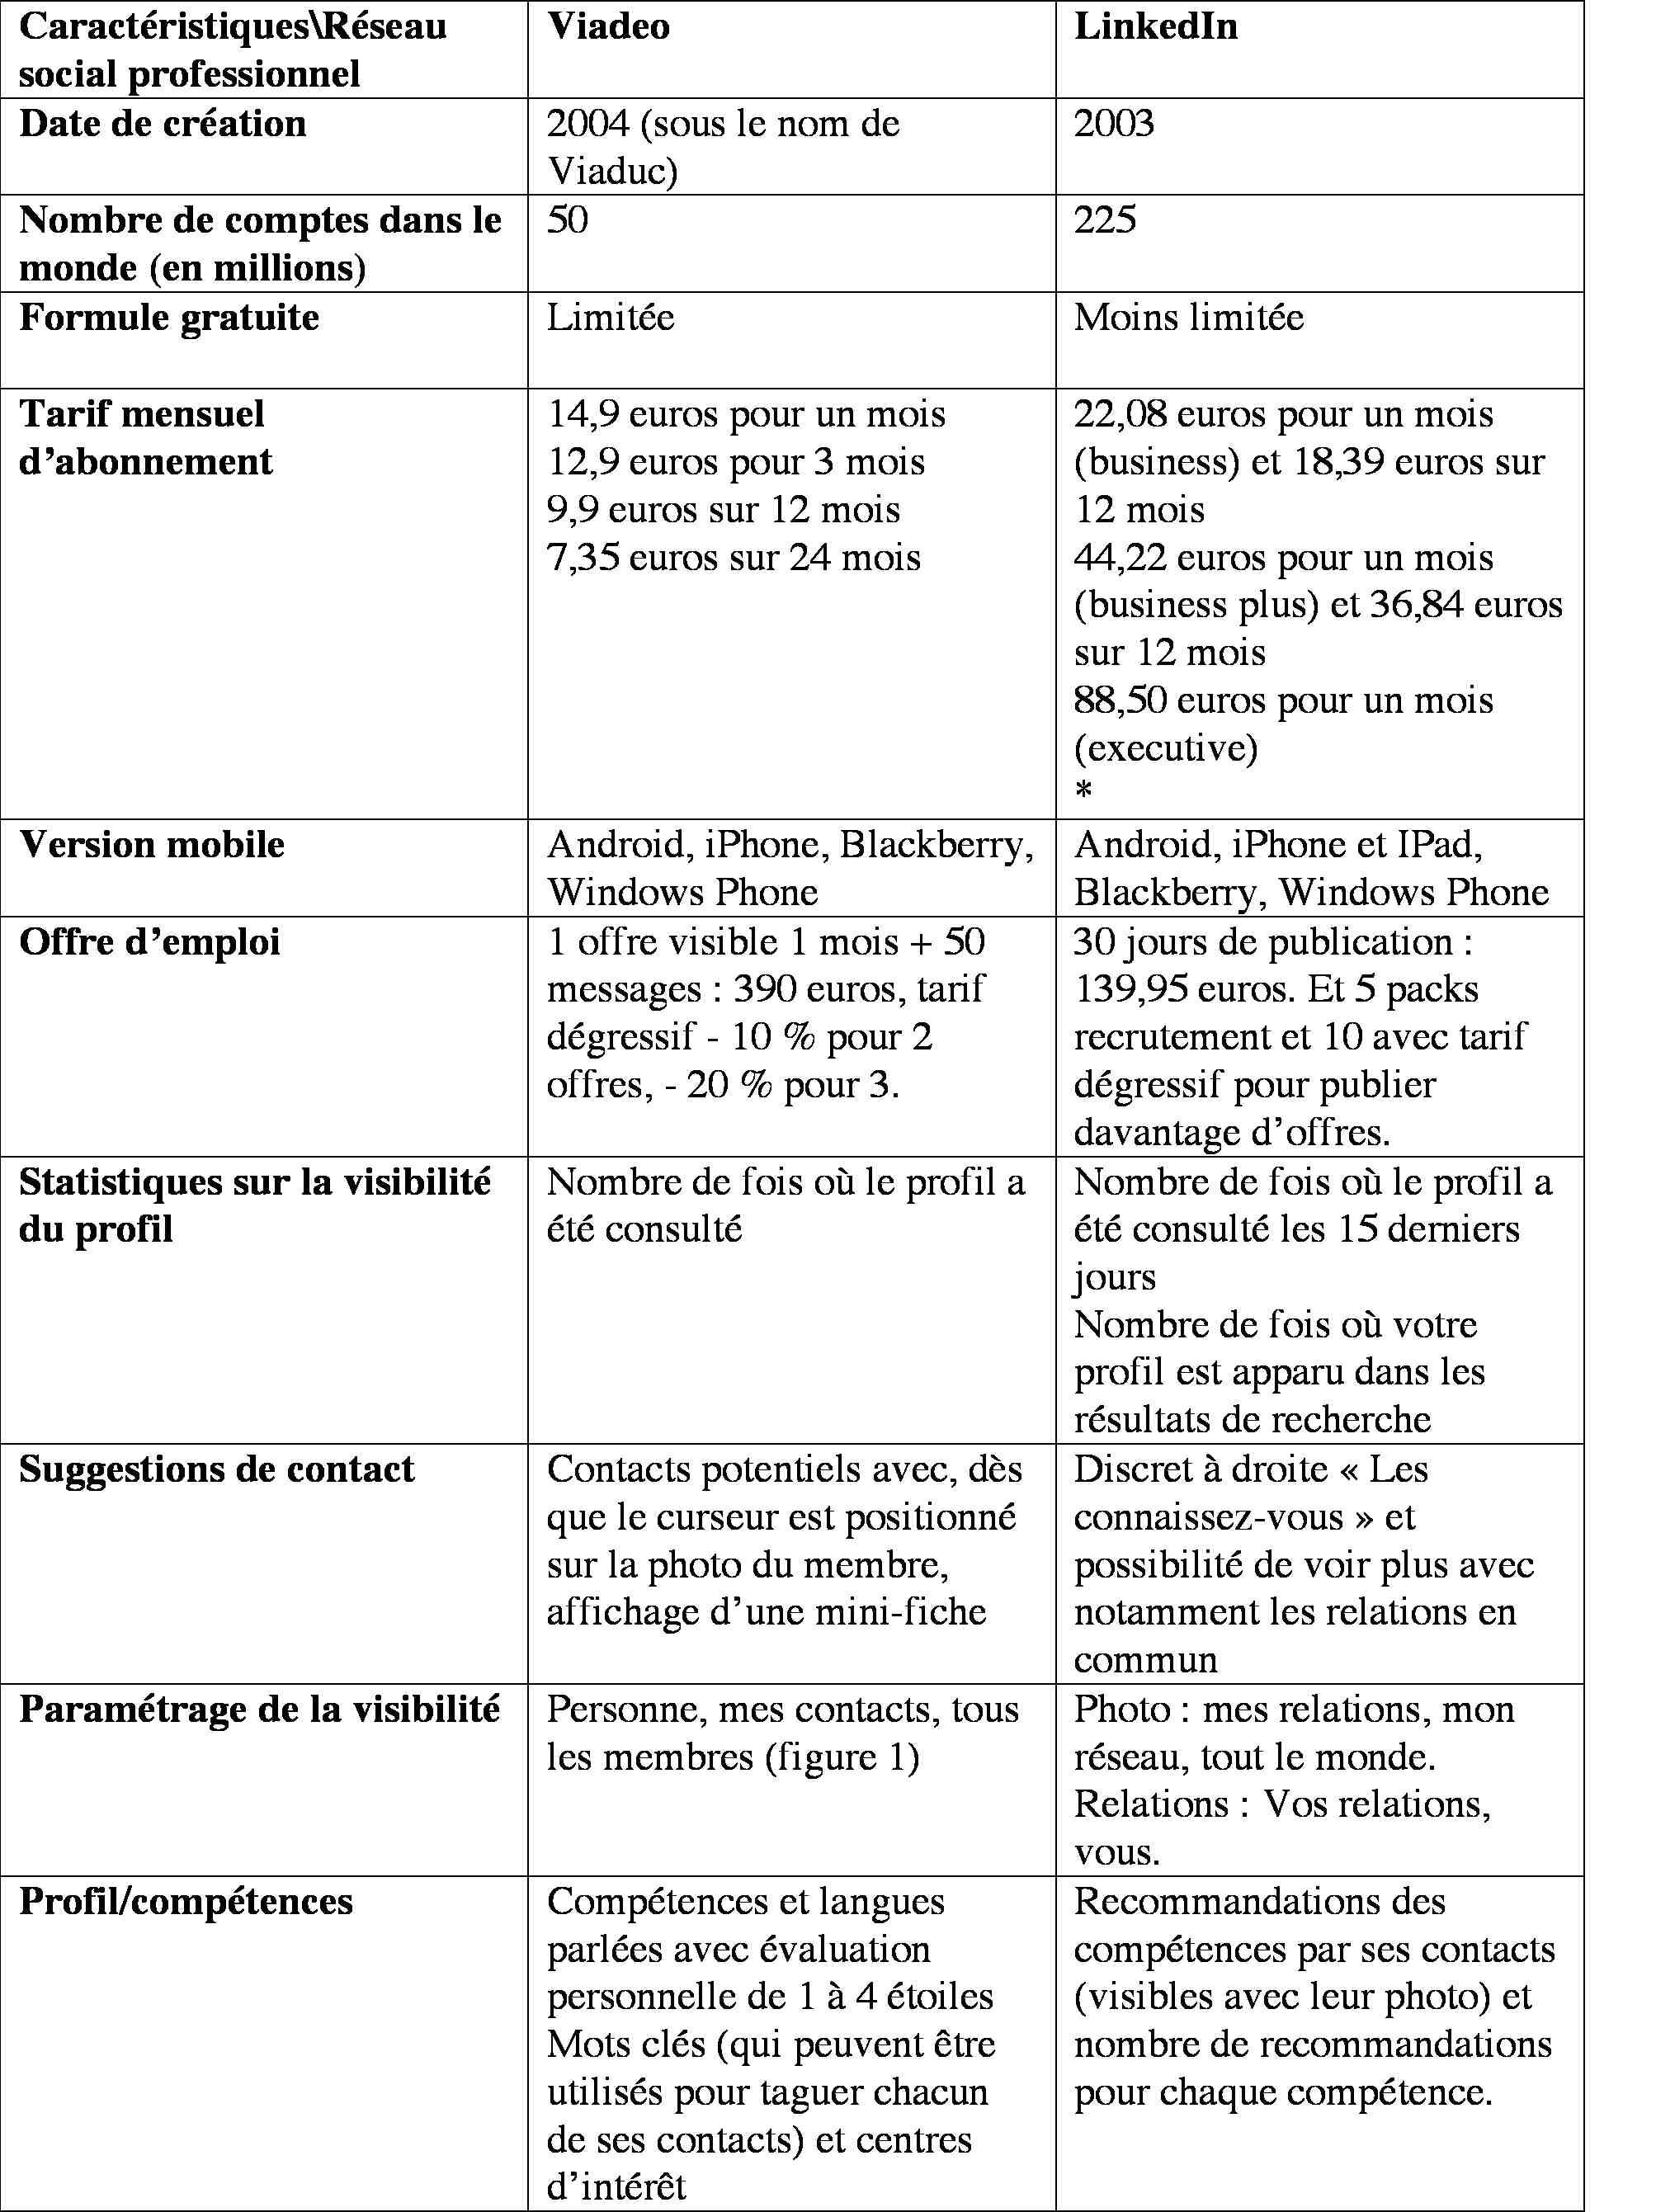 Tableau comparatif Viadeo-LinkedIn